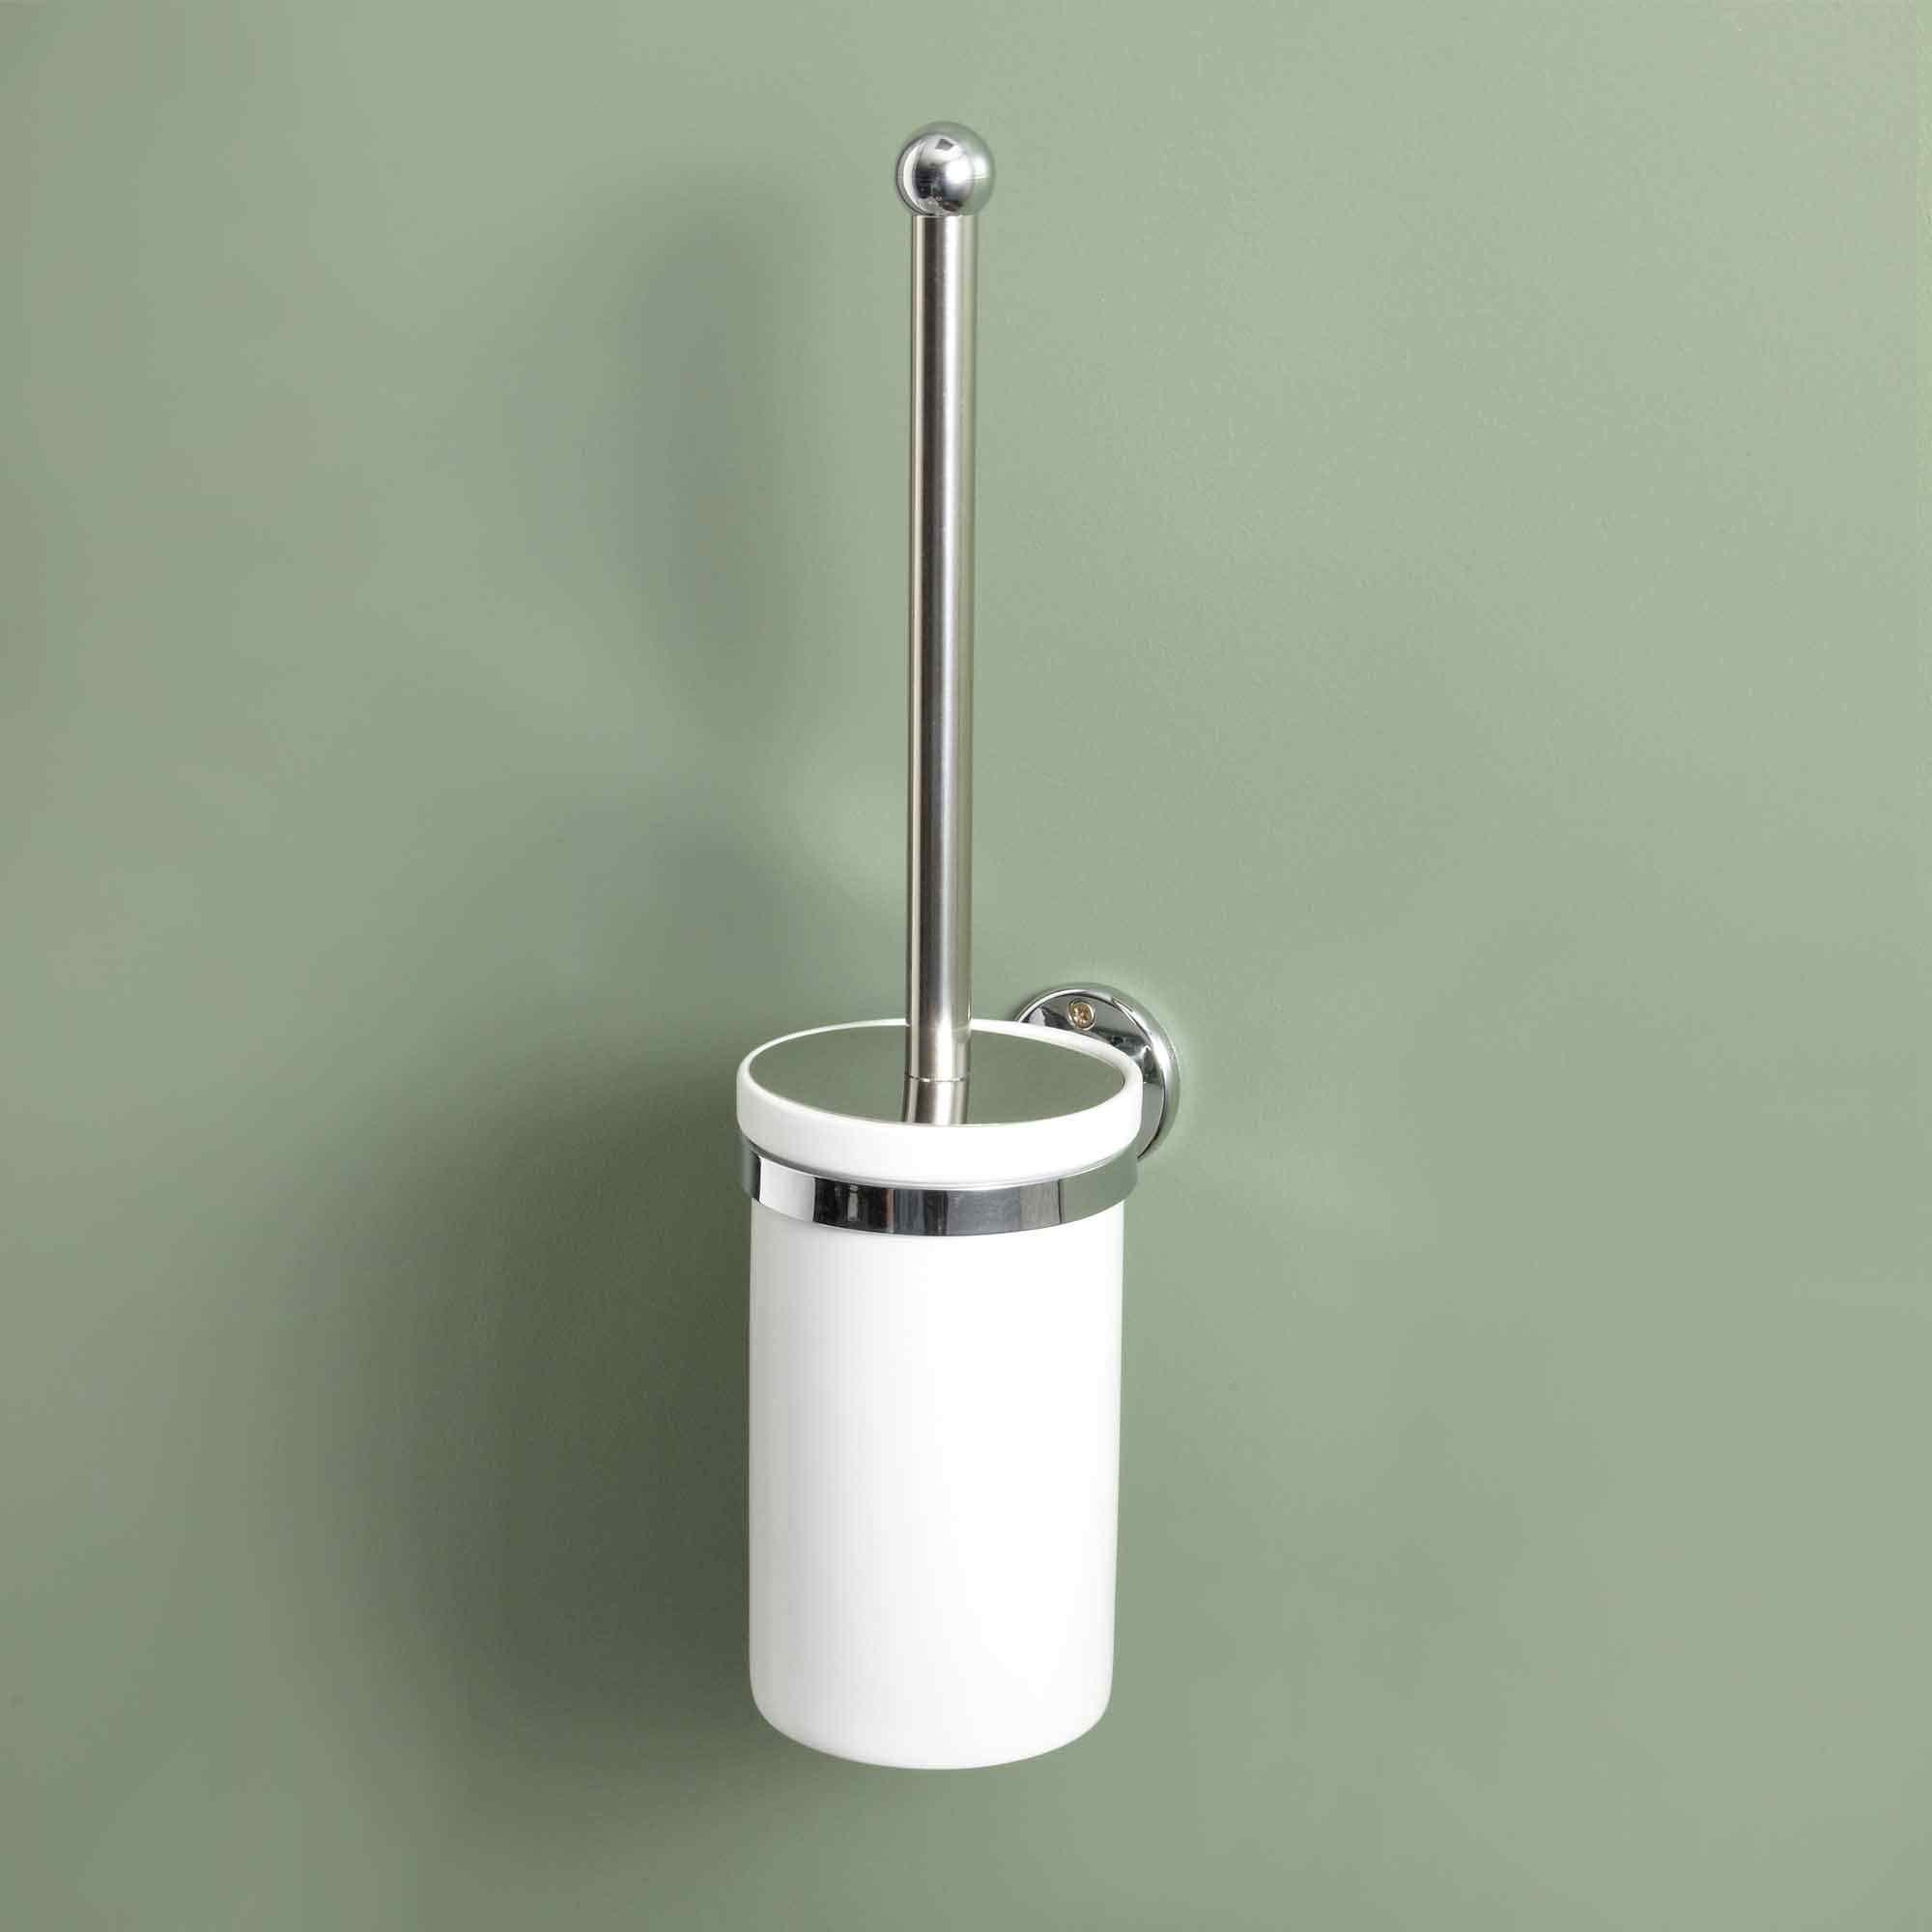 cowshed_toilet_brush.jpg